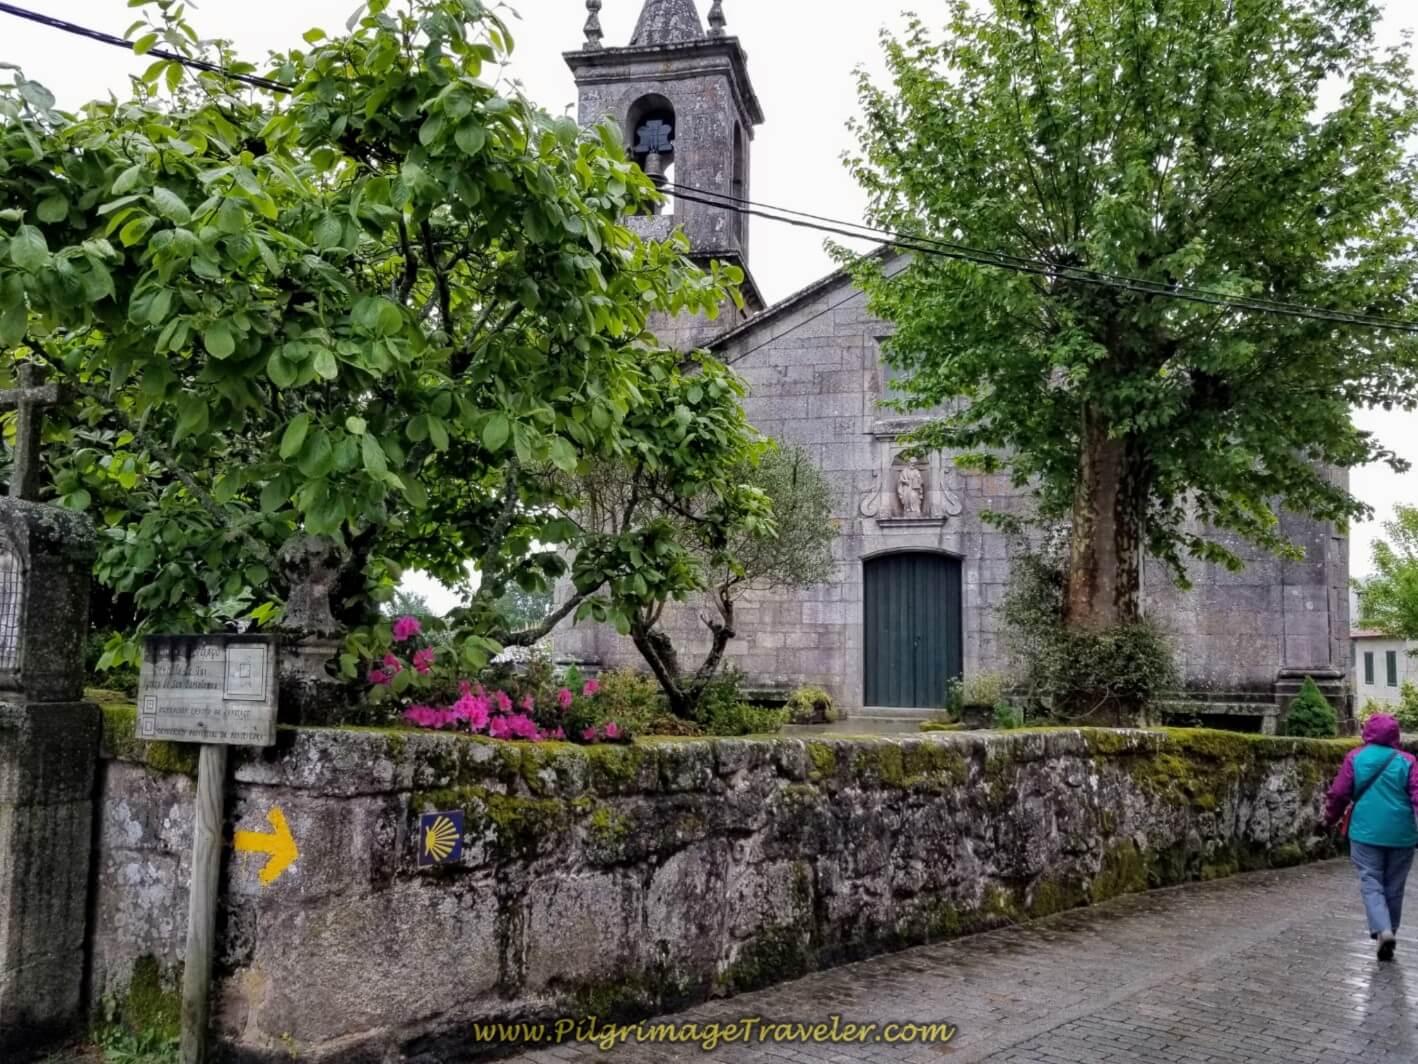 Igrexa de San Bartolomeu in Tui, on day twenty on the central route of the Portuguese Camino